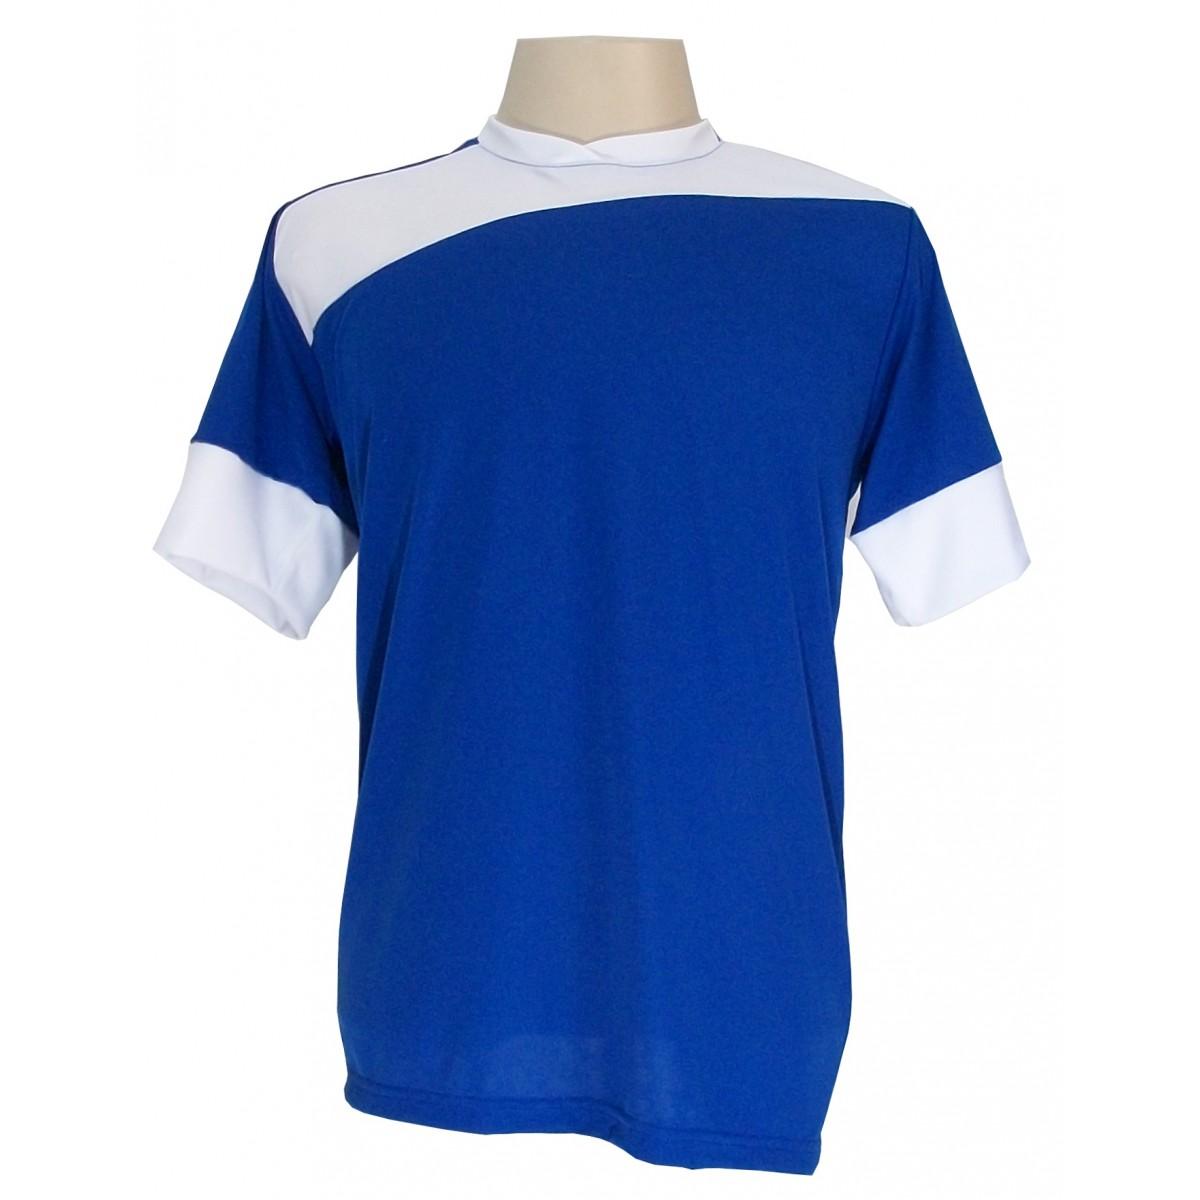 Uniforme Esportivo Completo modelo 14+1 (14 camisas Sporting Royal/Branco + 14 calções Madrid Branco + 14 pares de meiões Royal + 1 conjunto de goleiro) + Brindes